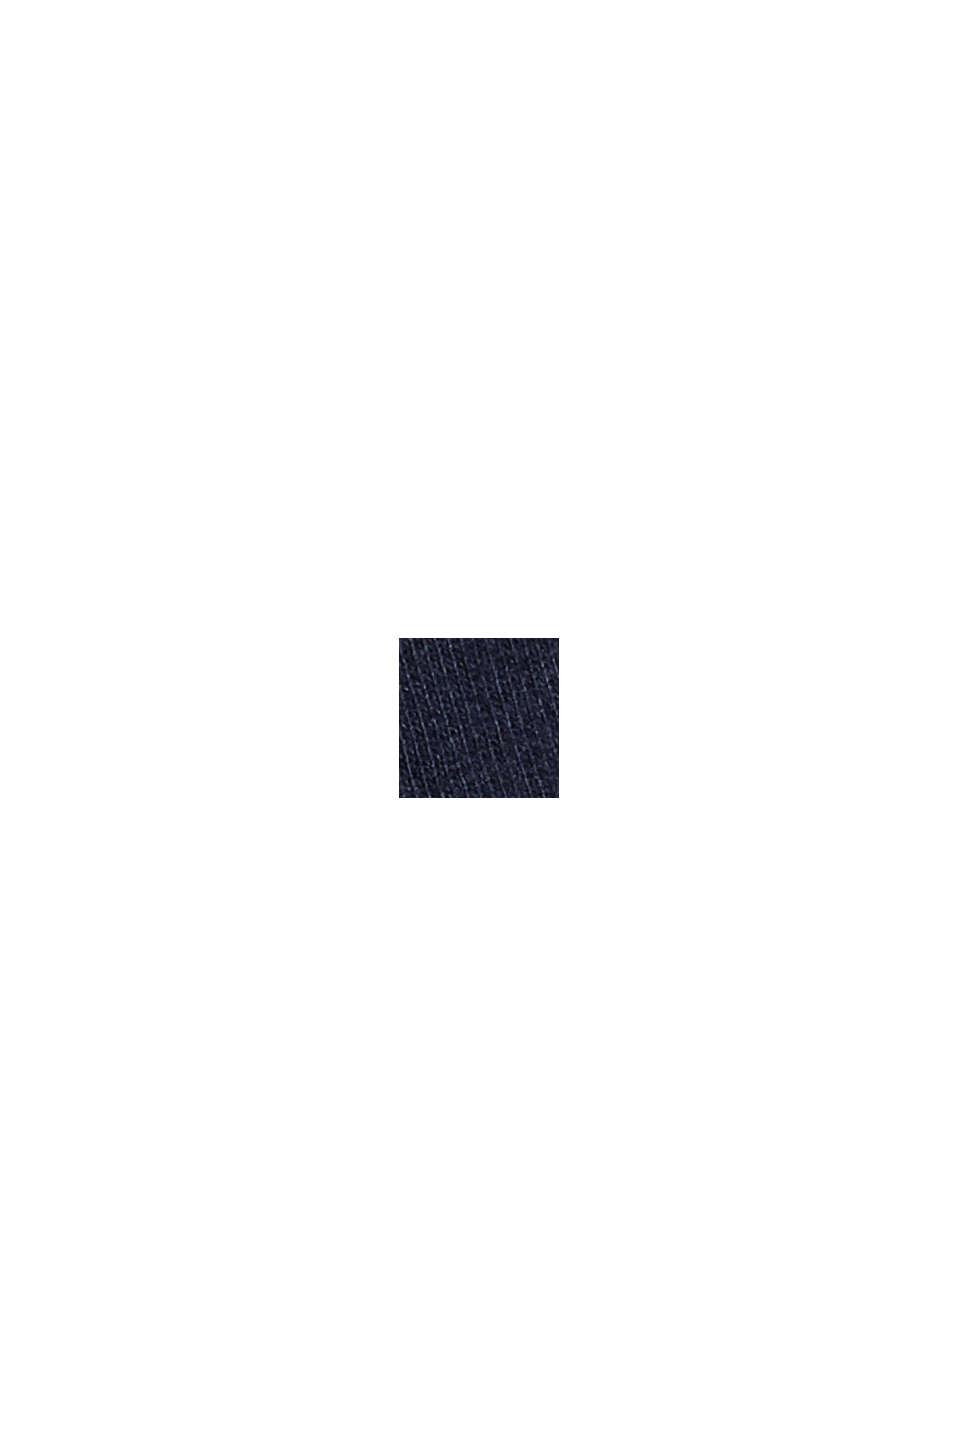 Maglia da pigiama in 100% cotone biologico, NAVY, swatch